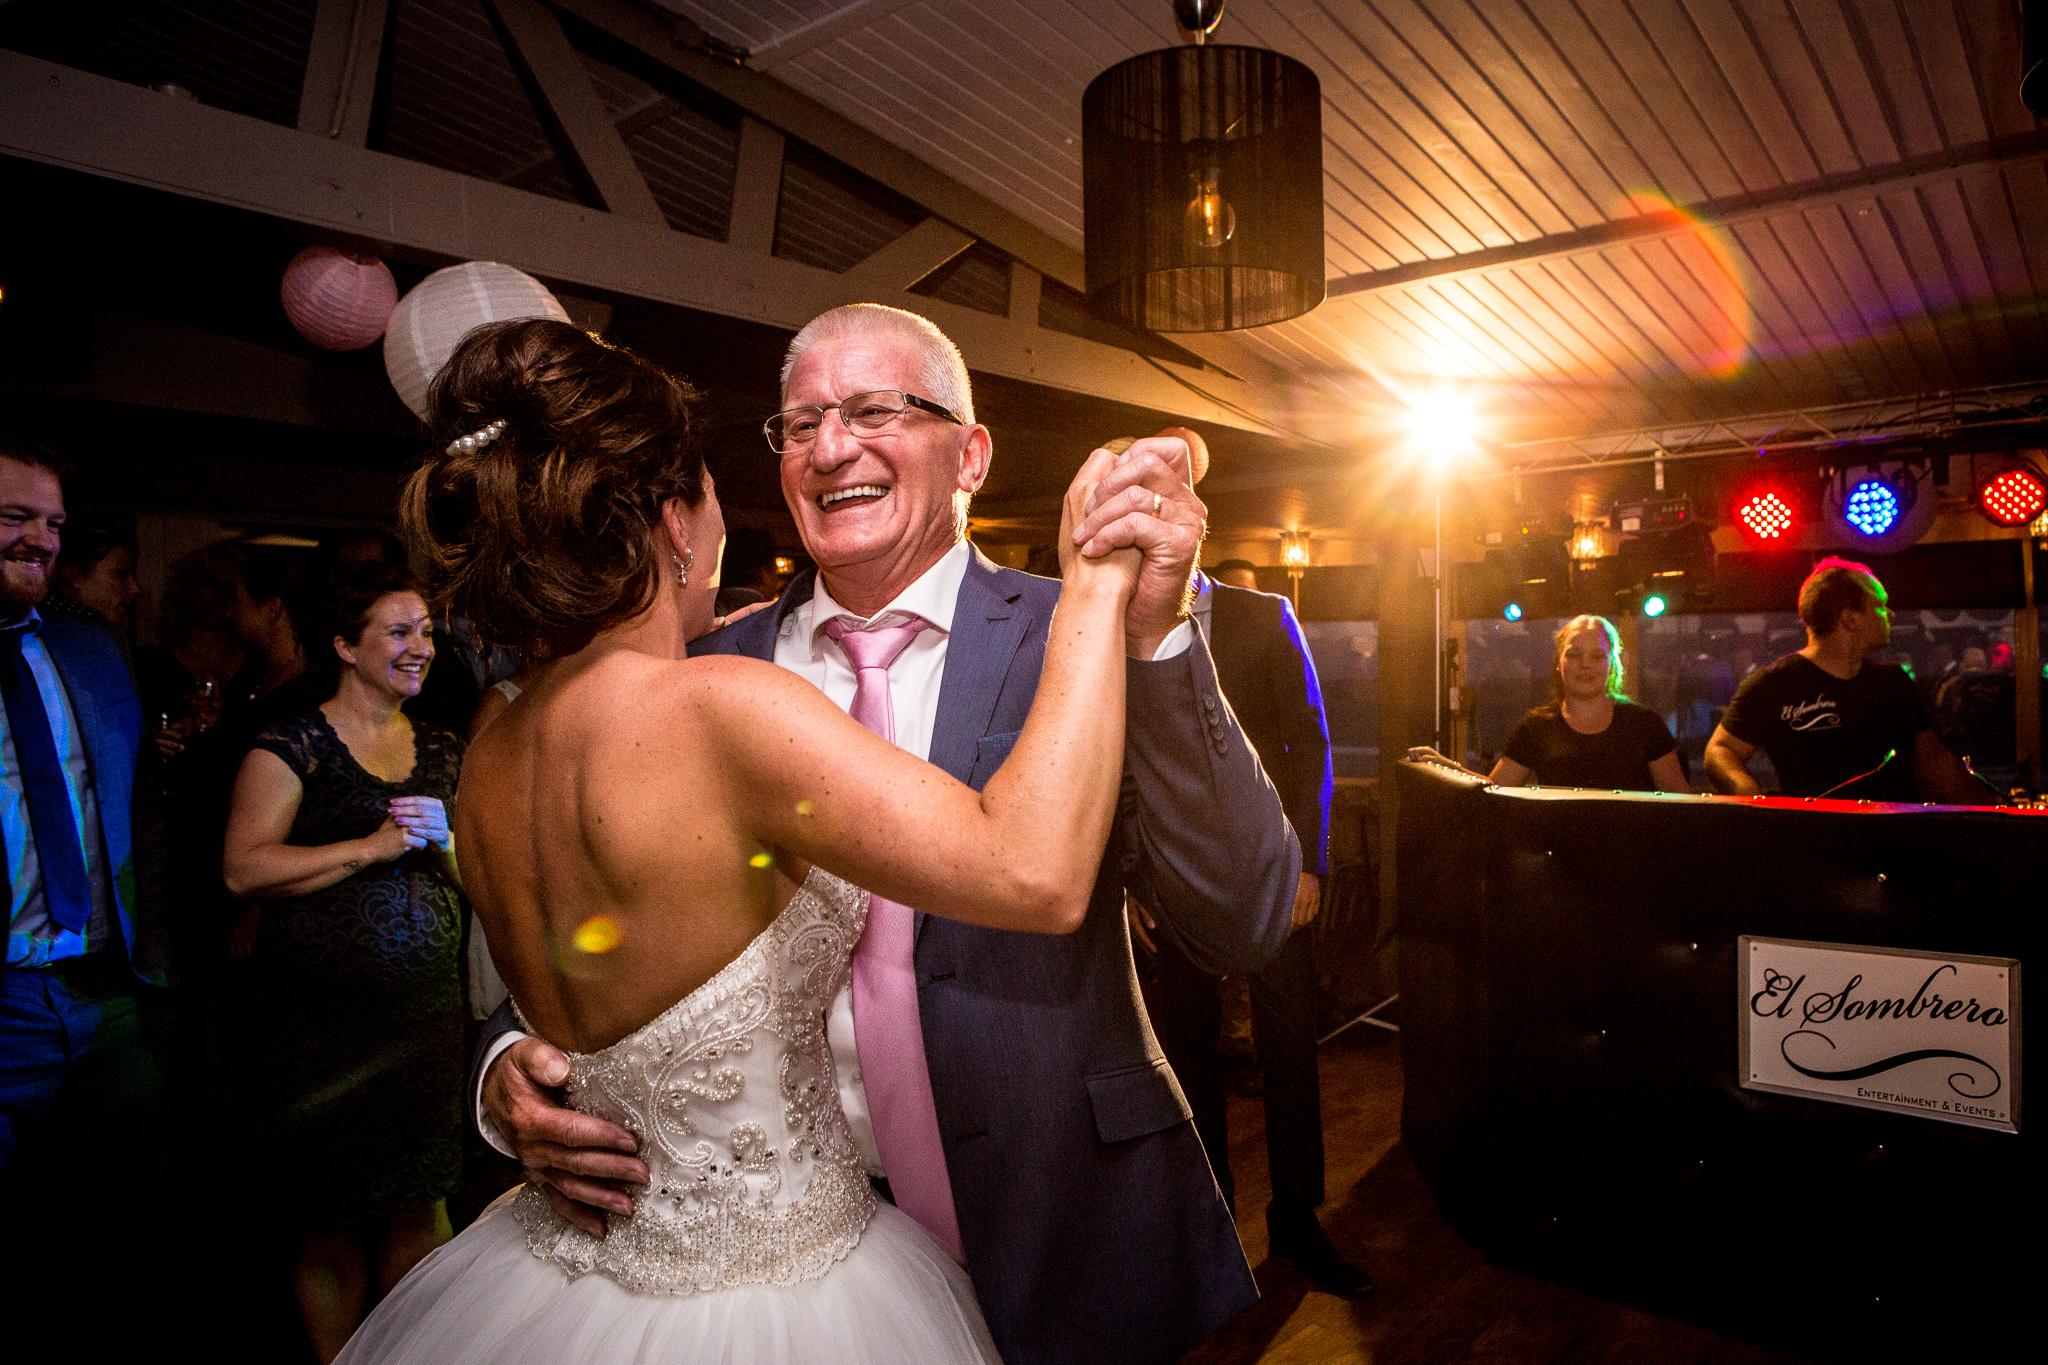 Journalistieke bruidsfotografie Koudekerke bruid danst met vader